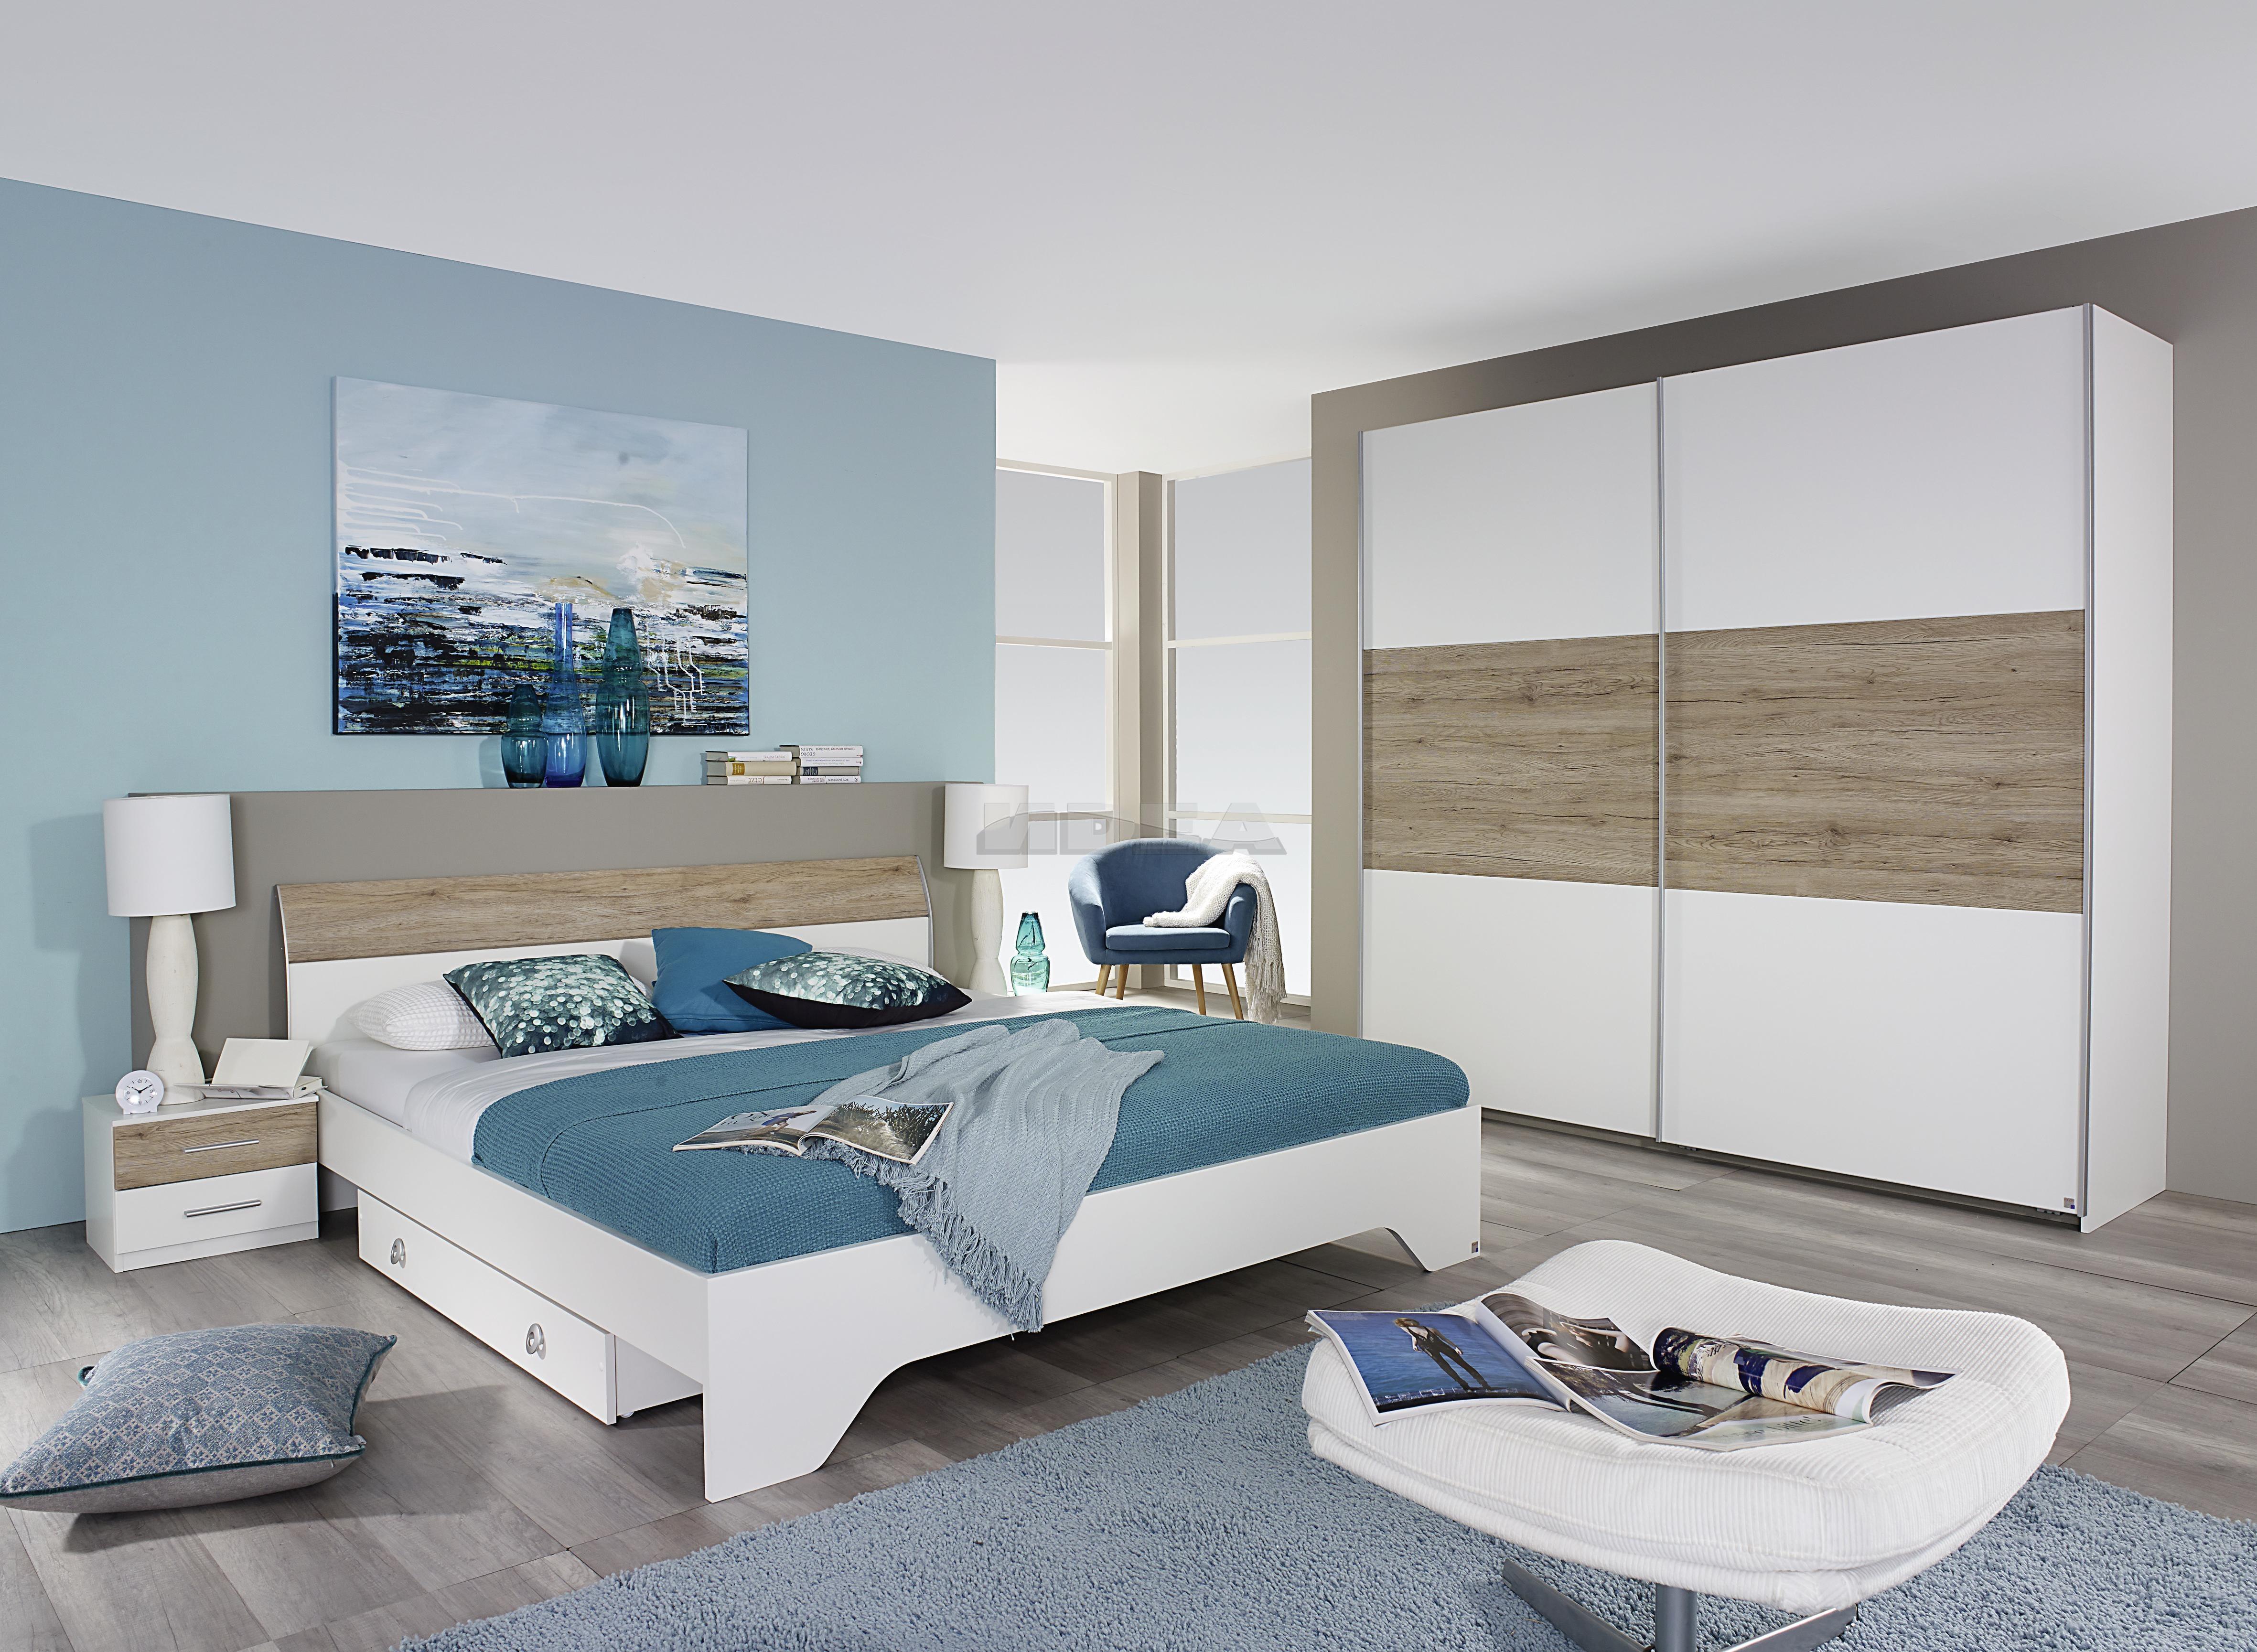 heinsberg 010n a9l73. Black Bedroom Furniture Sets. Home Design Ideas